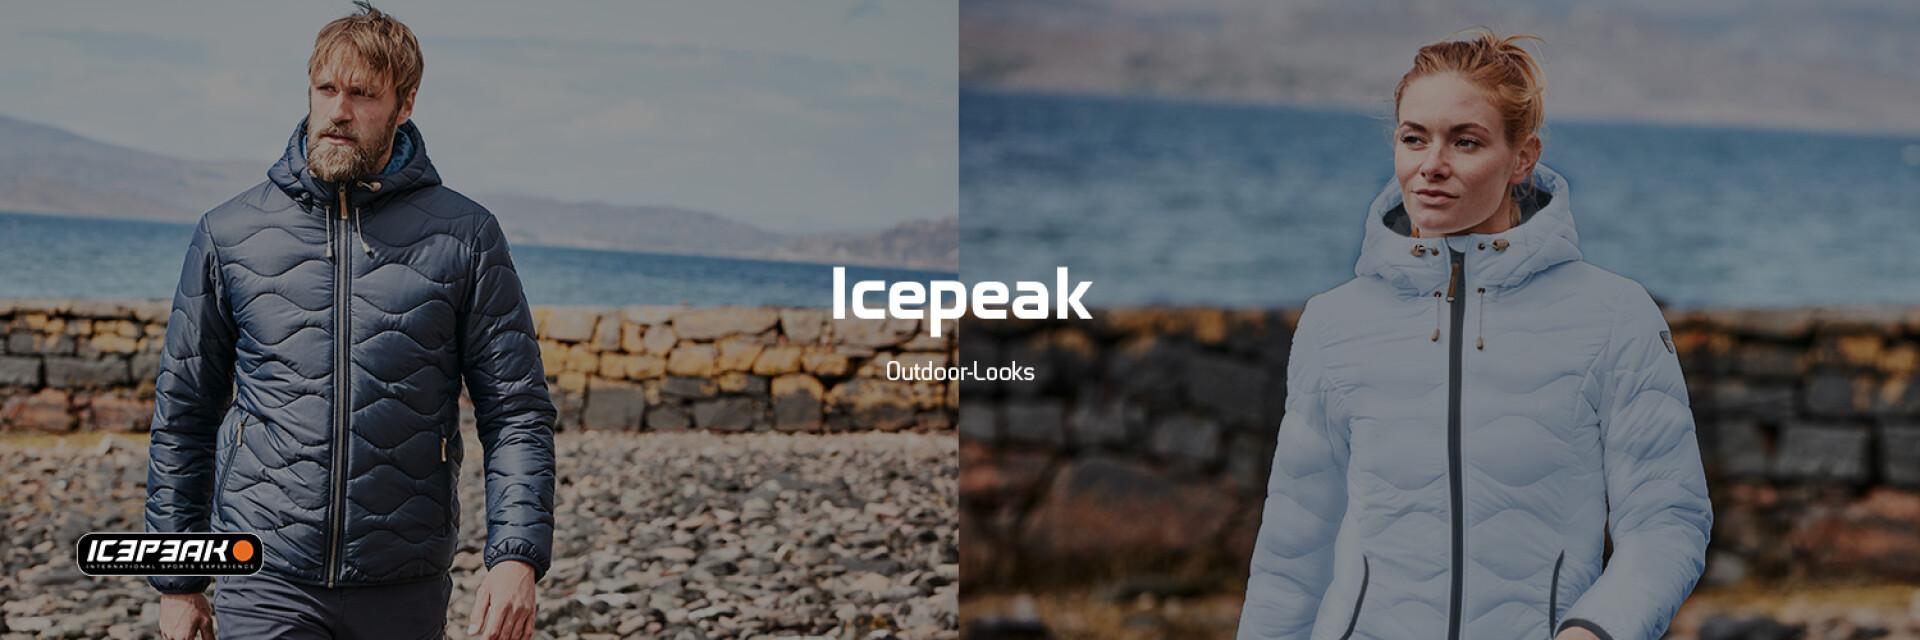 Icepeak Outdoor-Looks